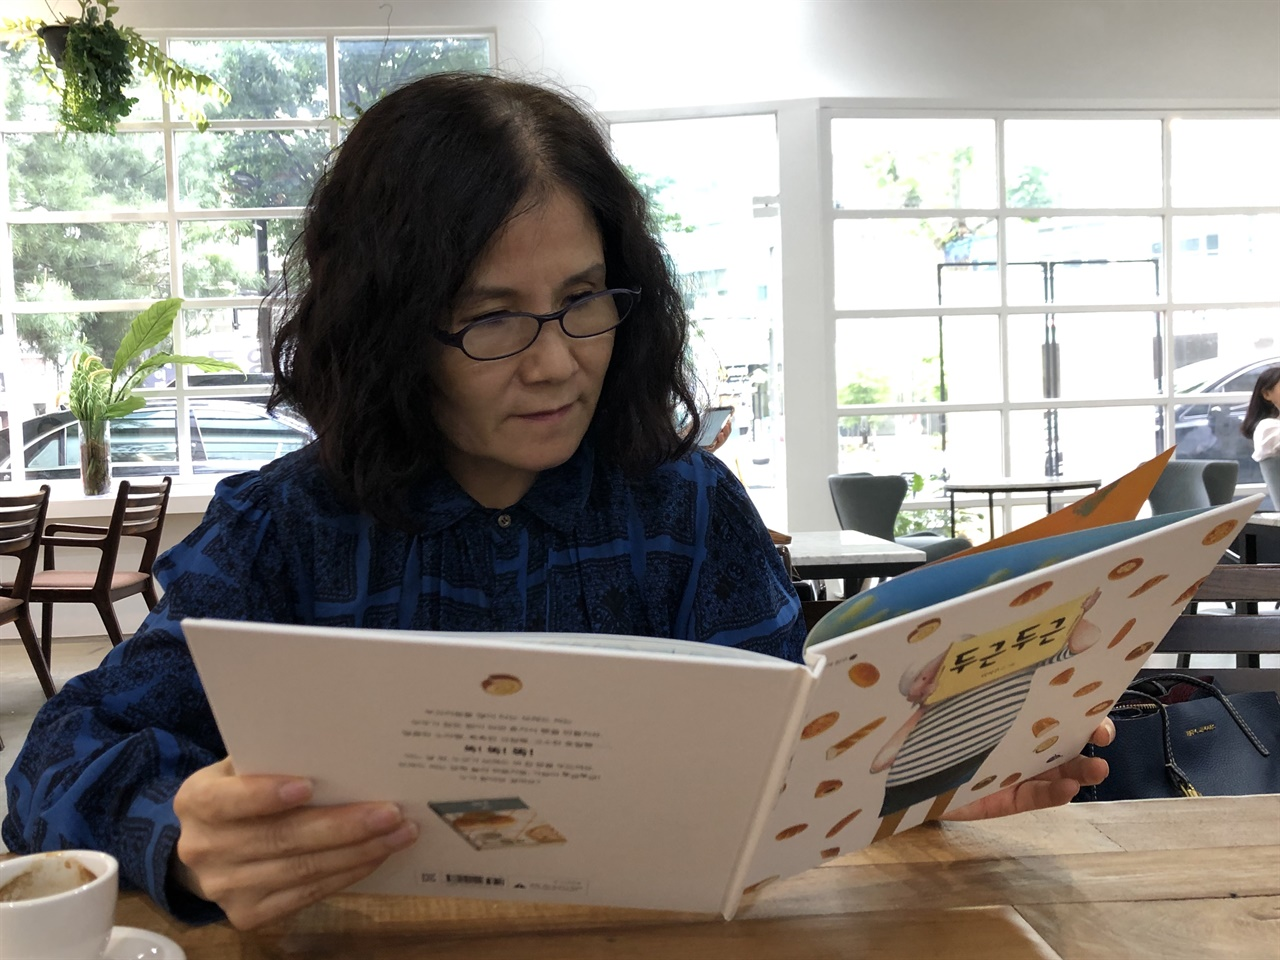 평화 그림책 나눠읽기 2020년 하반기 평화 책 후보 <두근두근>을 읽는 살림지이 온숙 씨